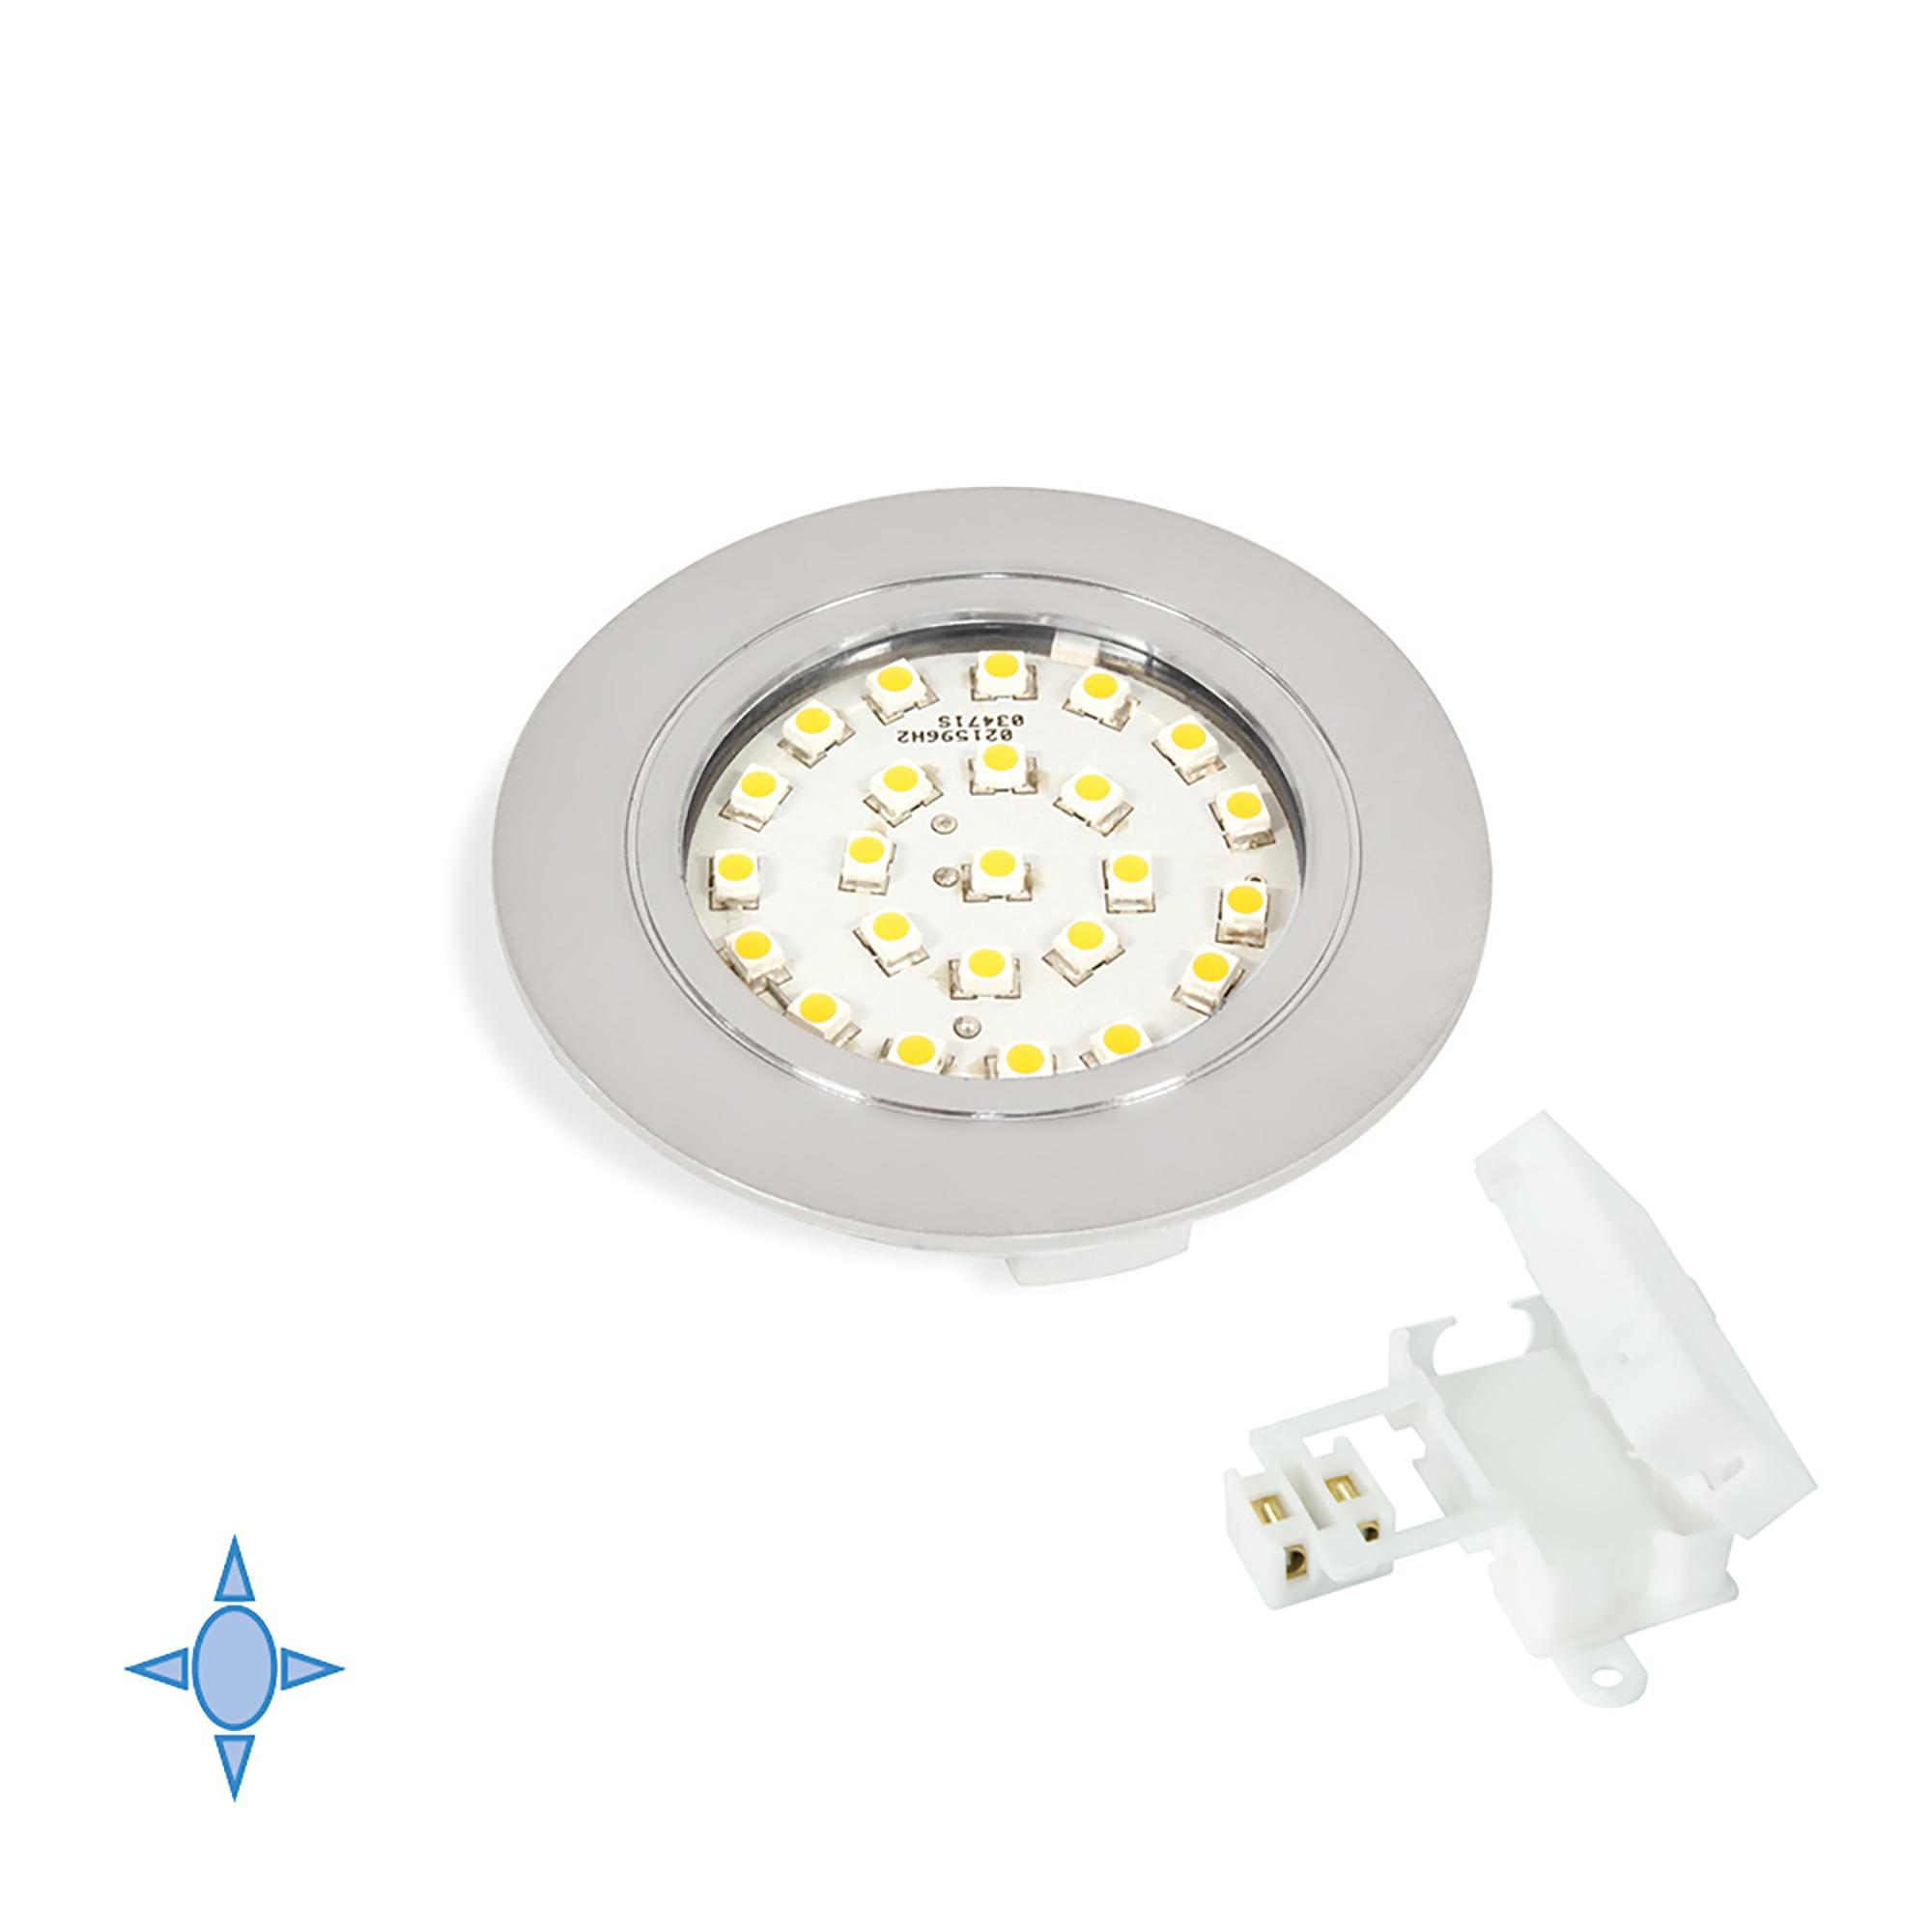 Emuca Faretto LED, D. 65 mm, a incasso, luce bianca fredda, Plastica, Grigio metallizzato